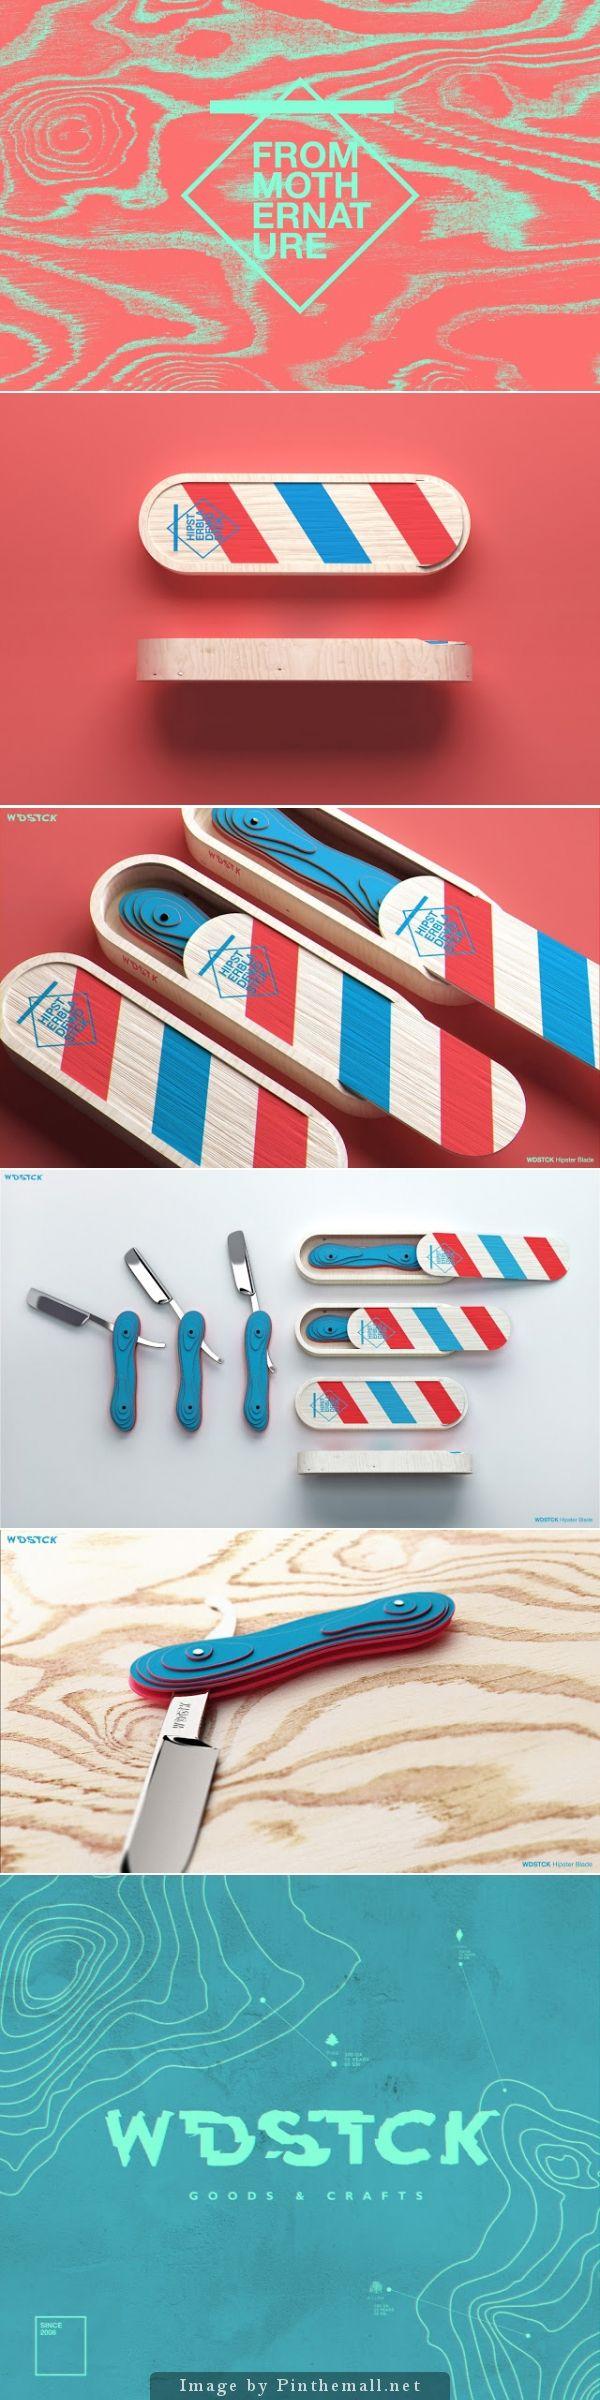 WDSTCK - #packaging #package #design